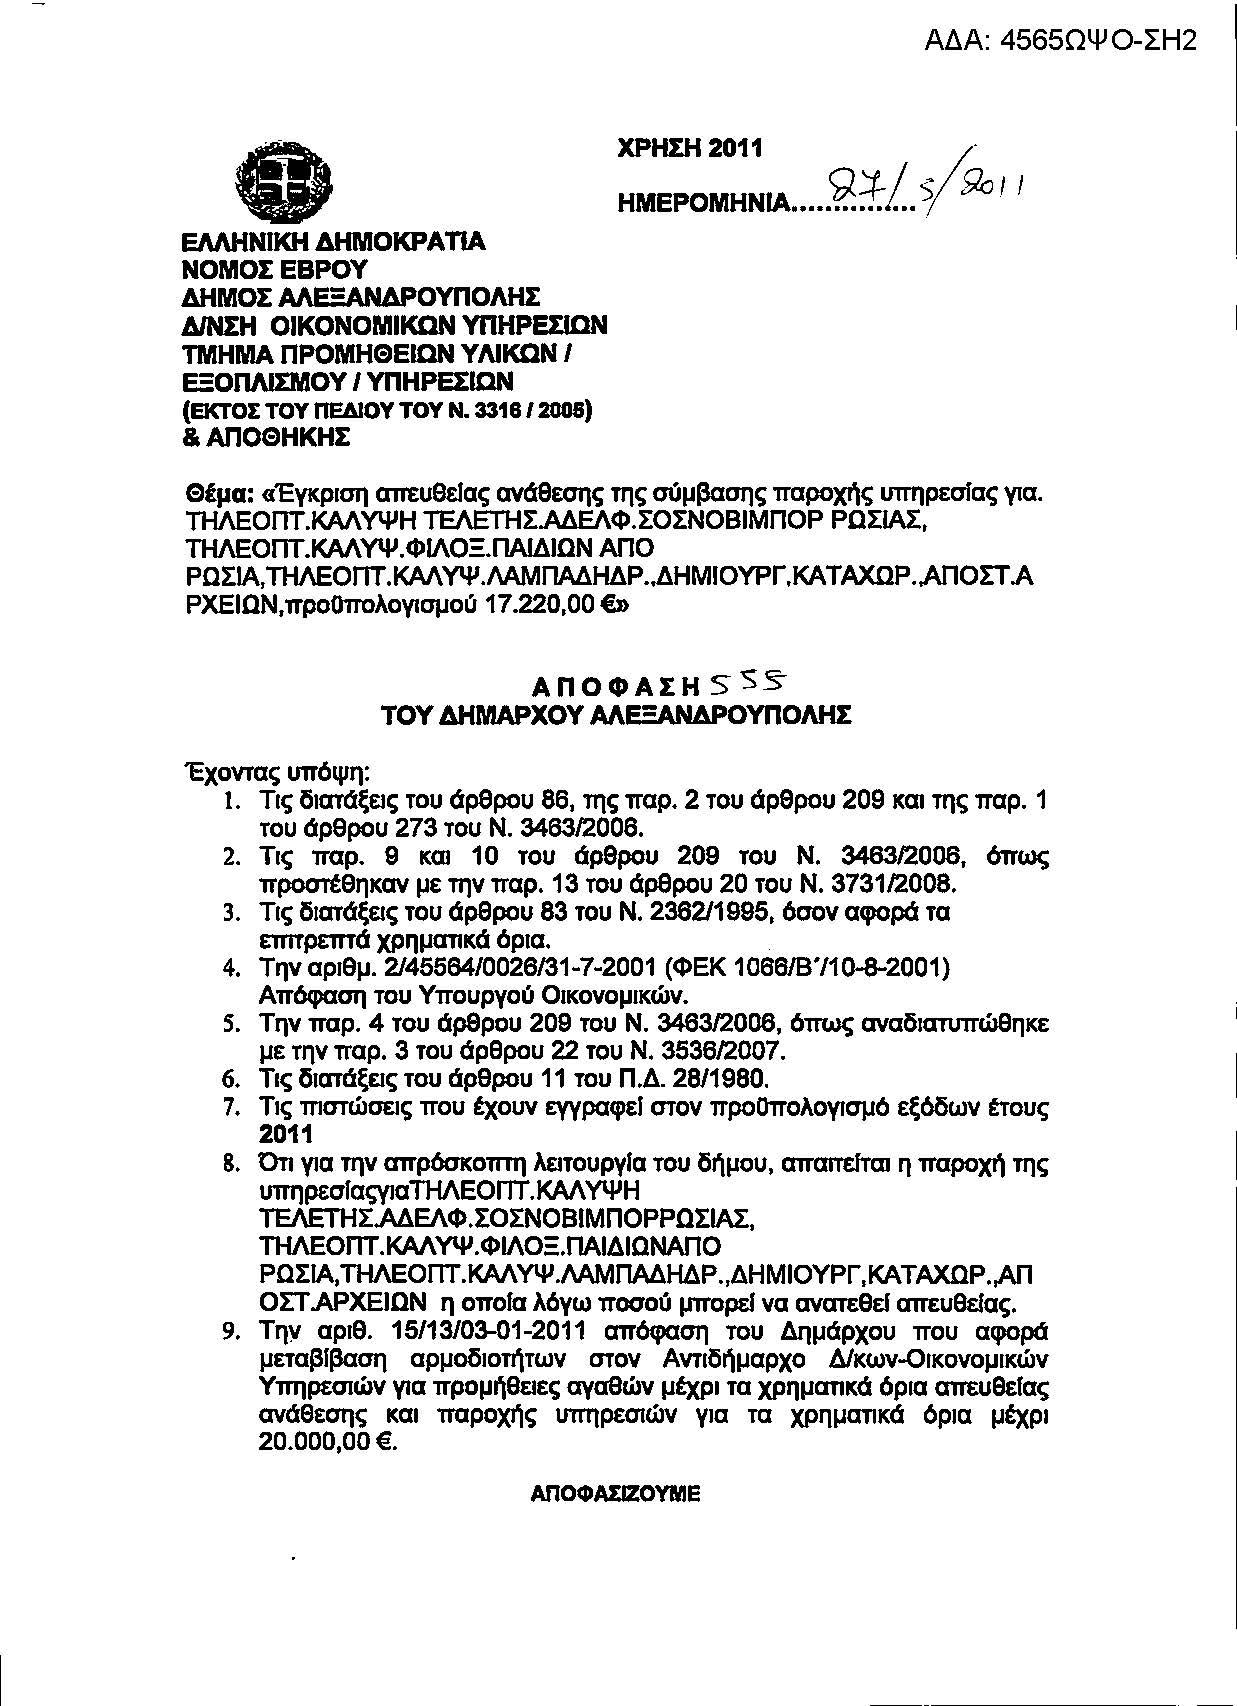 Απευθείας Ανάθεση Σ.Π.Υ. ύψους 17.220 ευρώ στο κανάλι Θράκη ΝΕΤ την 27/5/2011